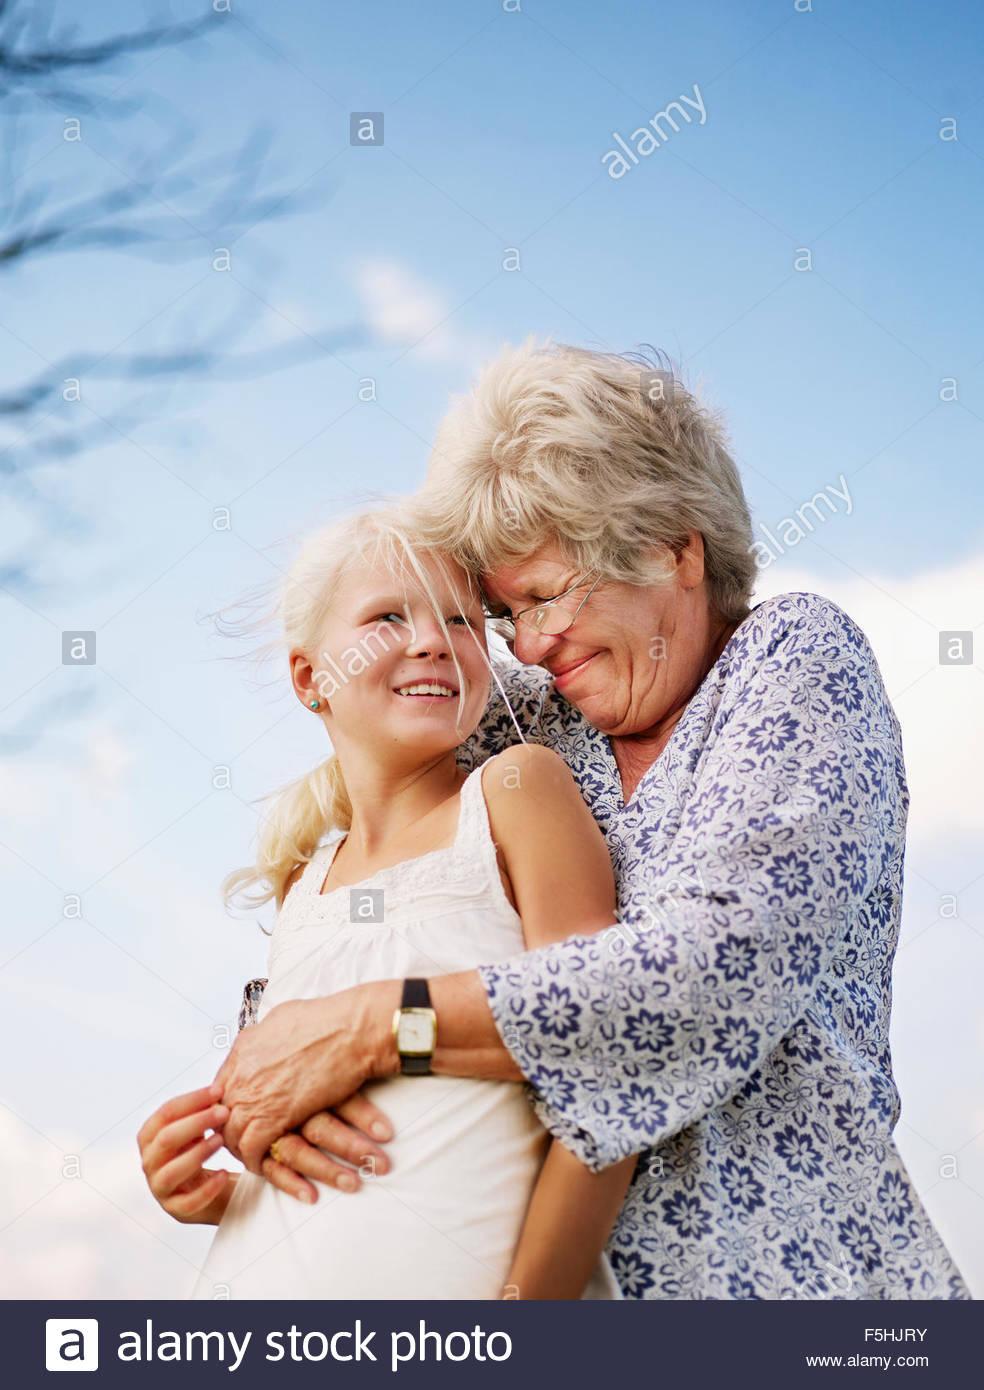 Danimarca, Ritratto di nonna abbracciando la nipote (10-11) Immagini Stock